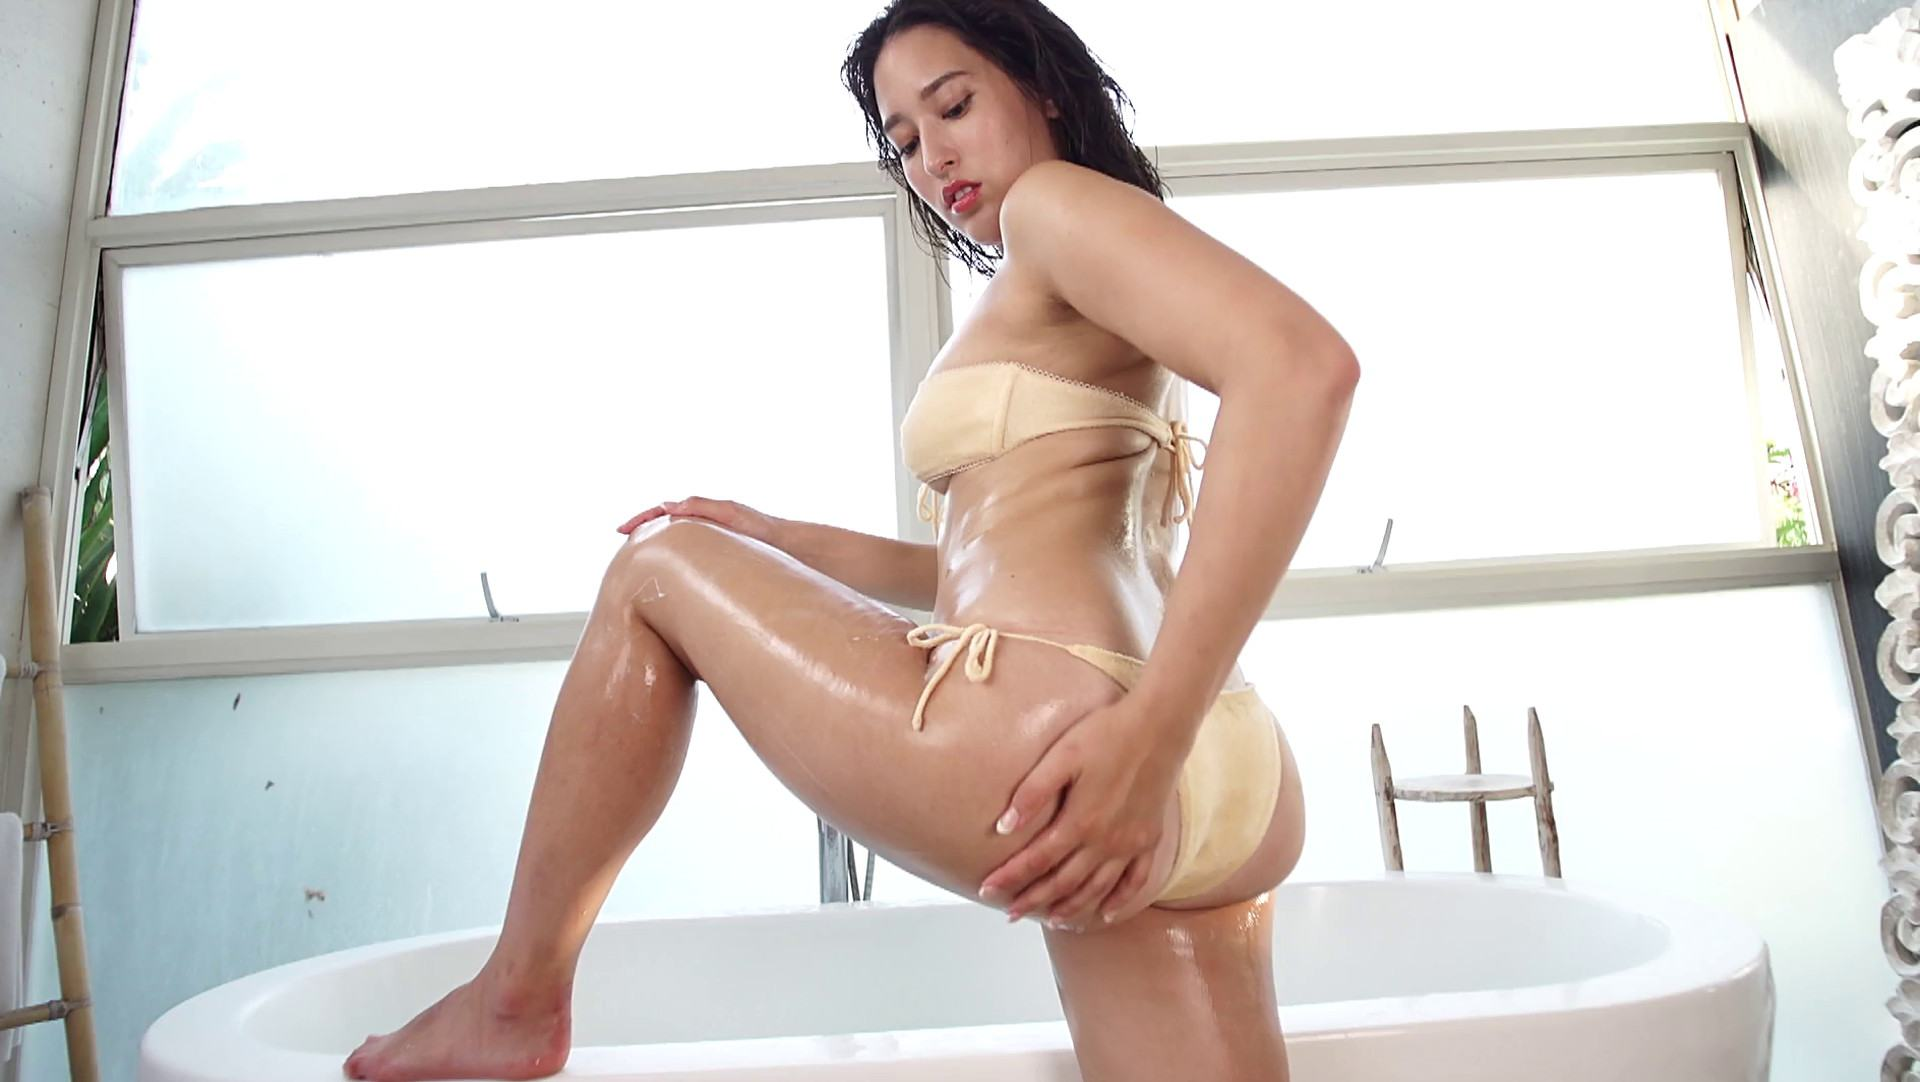 Rina Hirata bikini pics